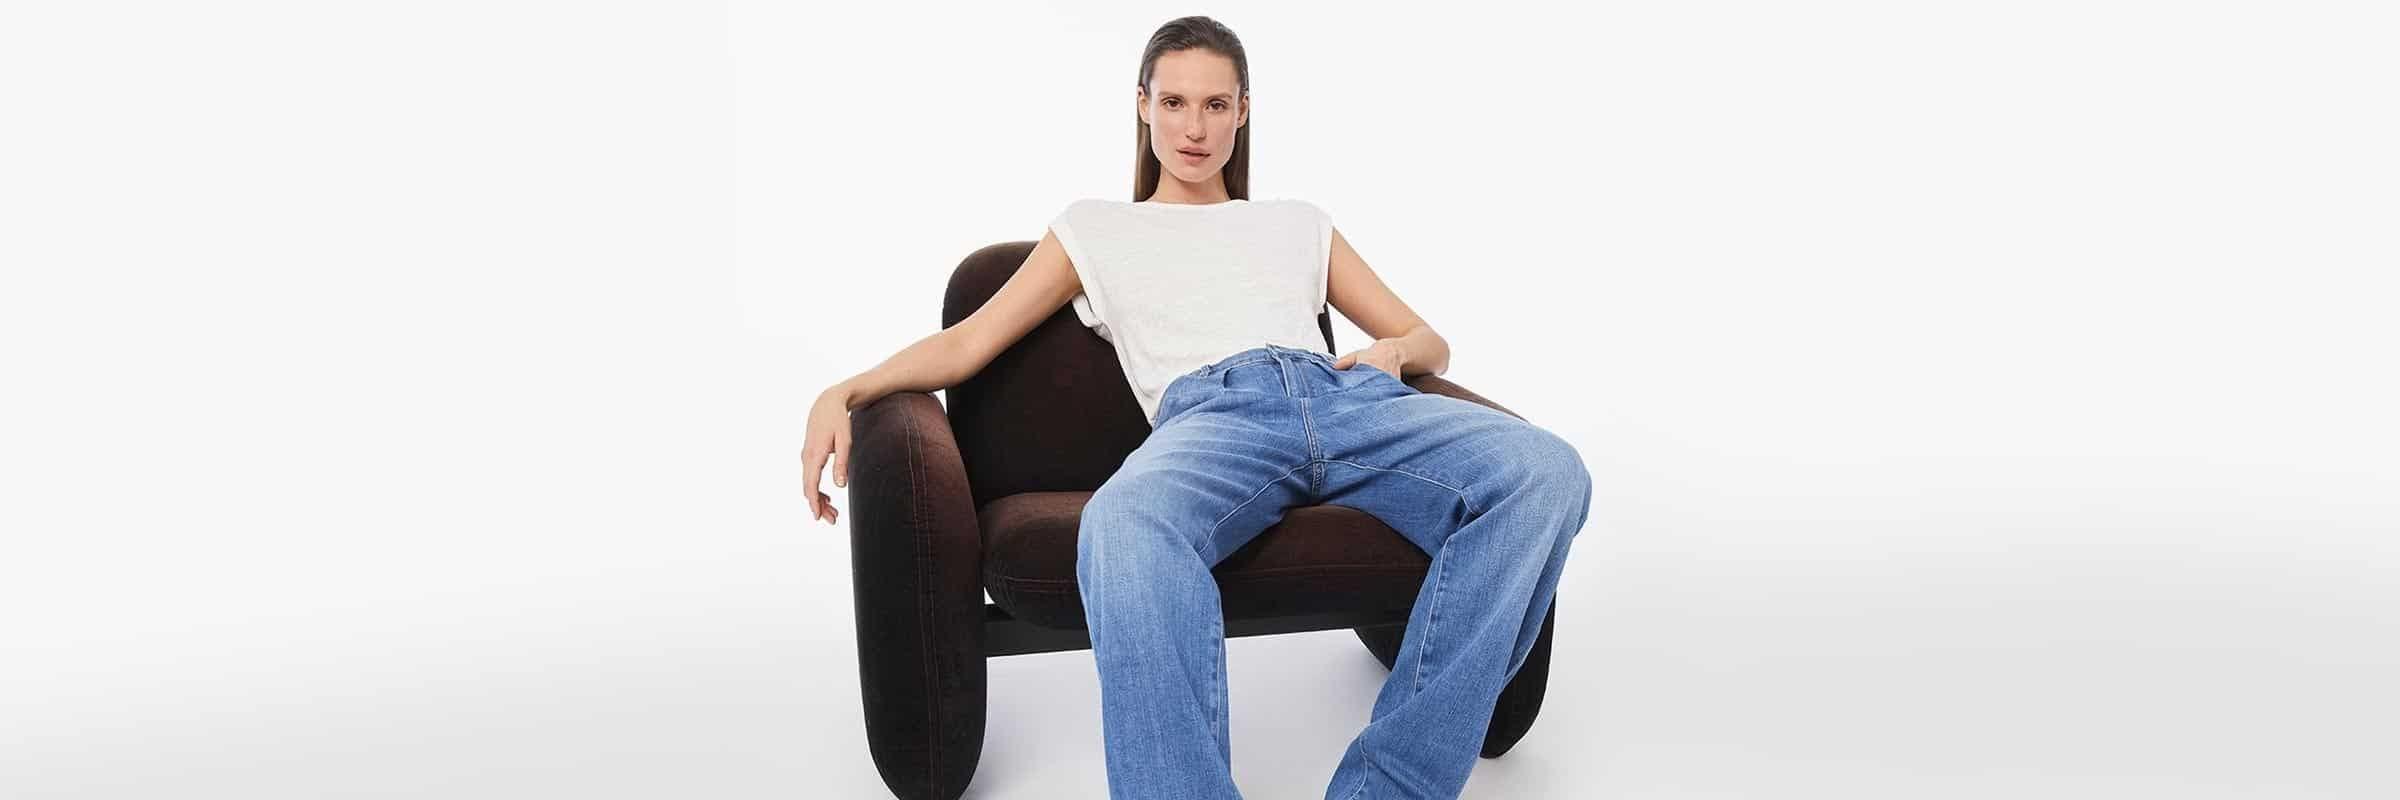 Nos marques de jeans favorites: découvrez Boyish, PAIGE et FRAME